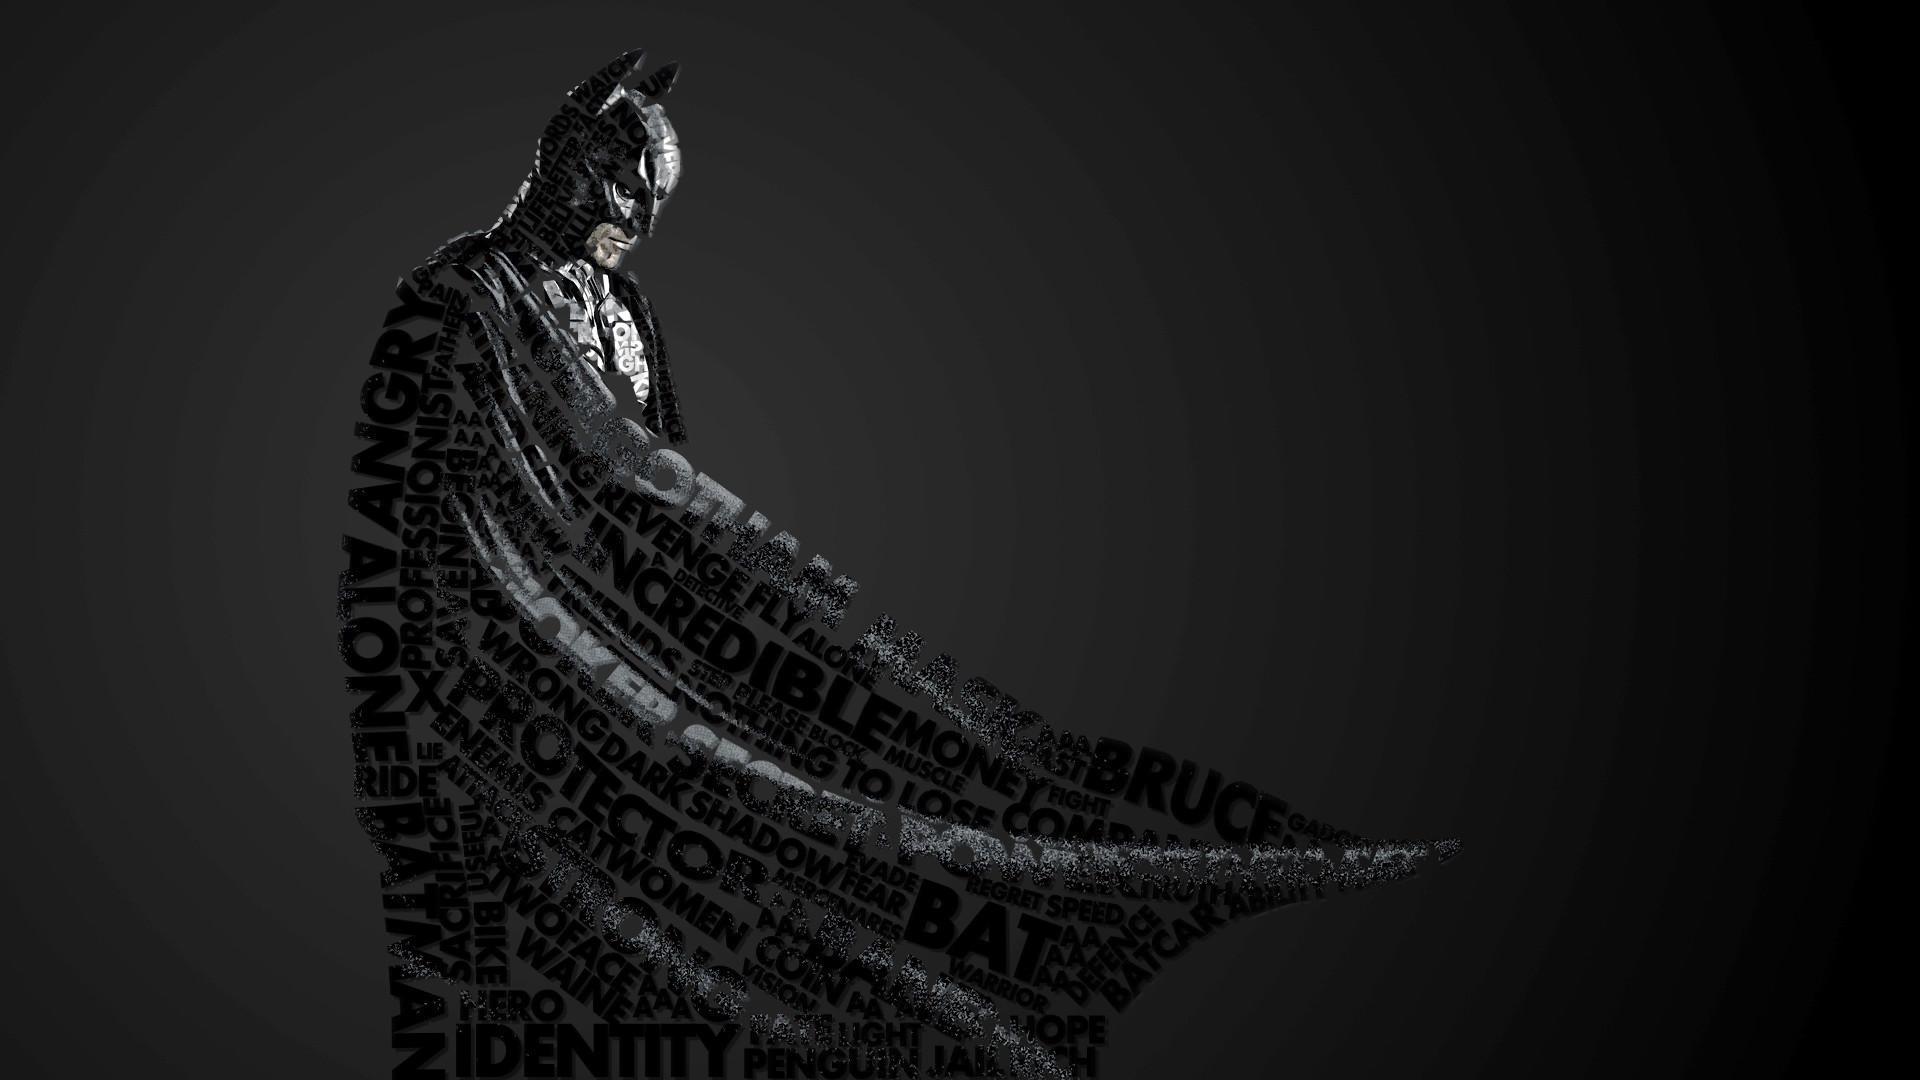 Batman Beyond Hd Wallpapers 1080p A new computer wallpaper.